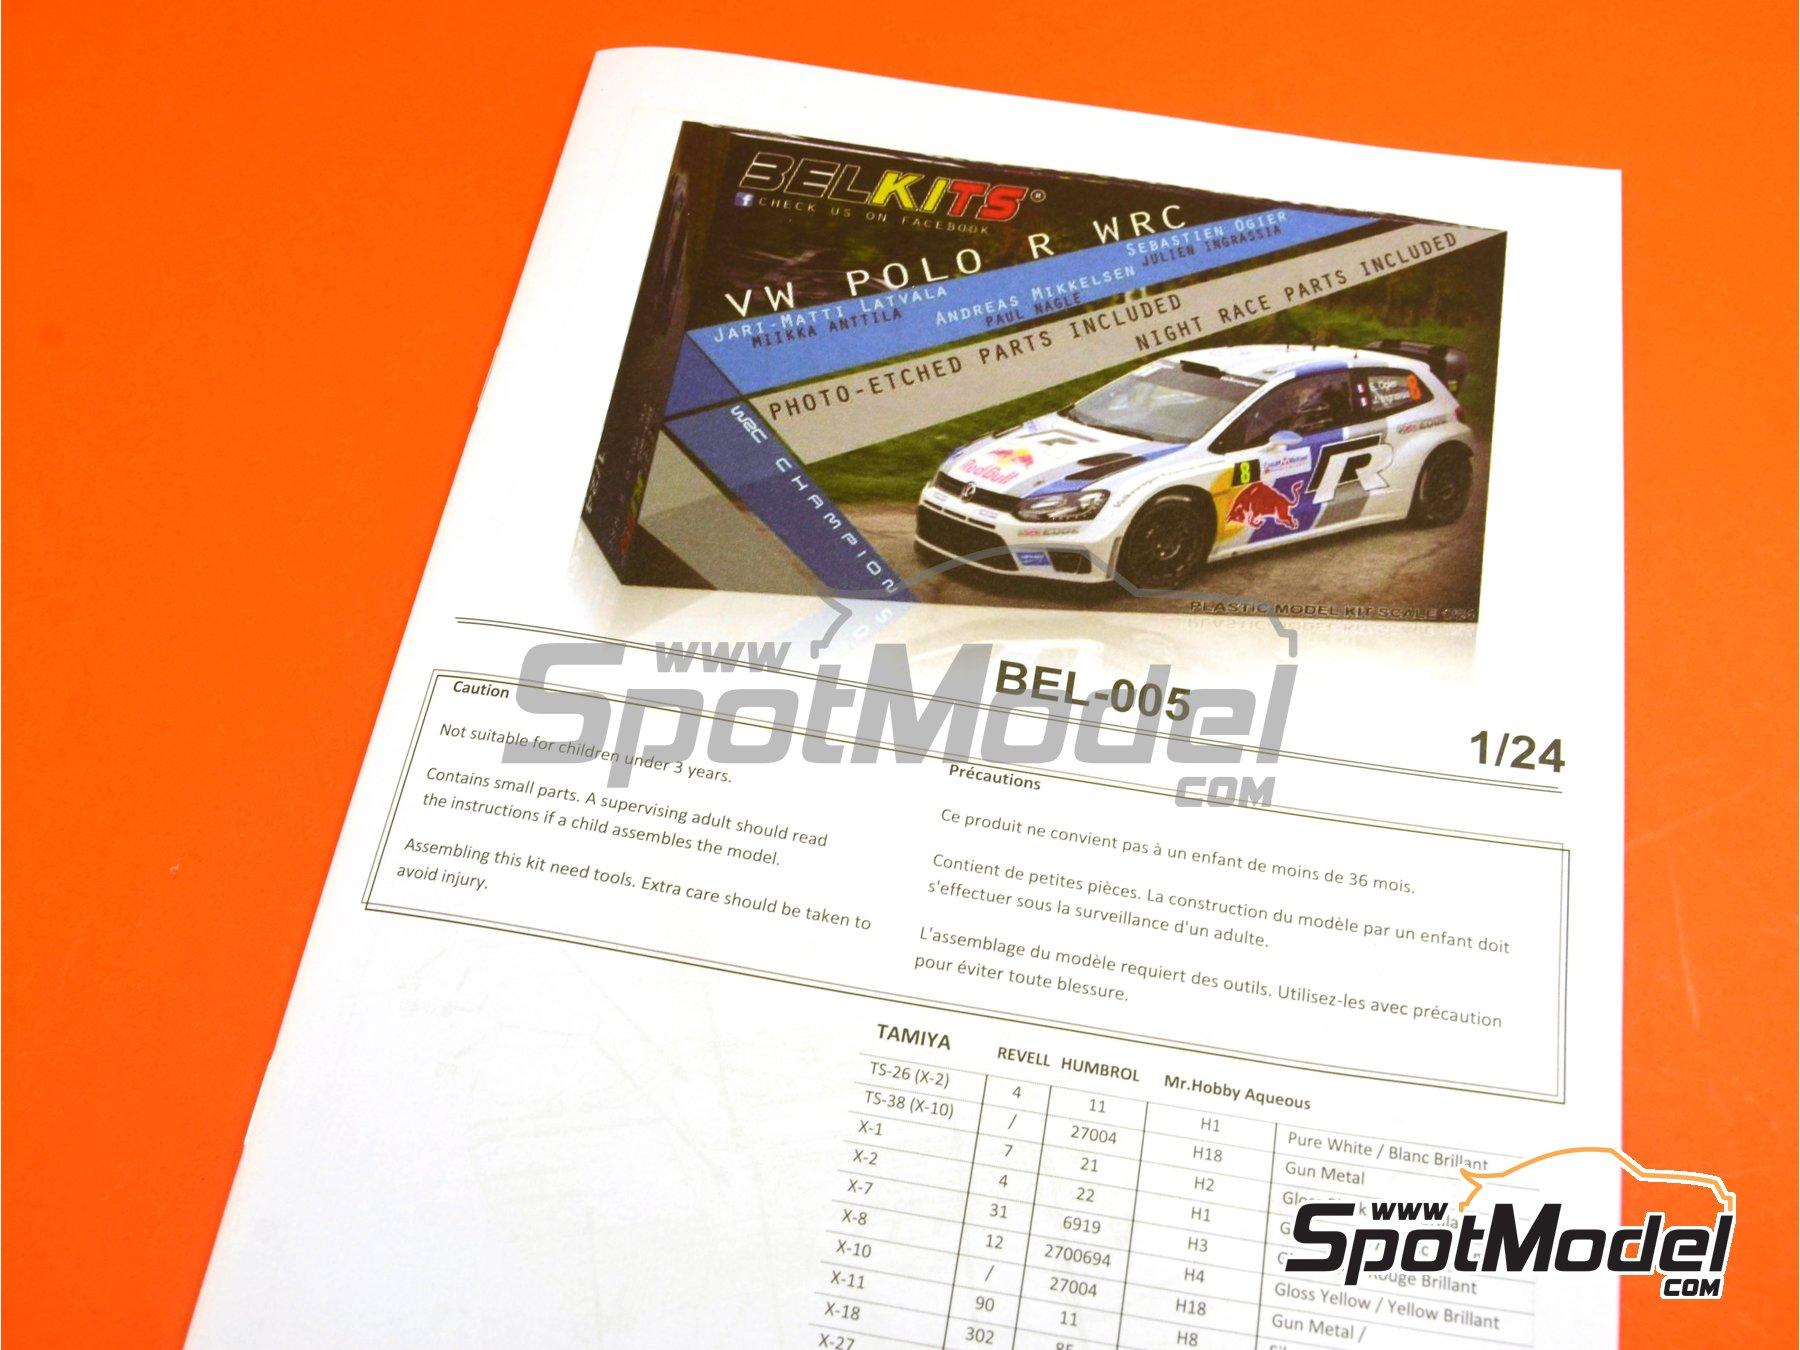 Image 23: Volkswagen Polo R WRC - Rally de Francia 2013   Maqueta de coche en escala1/24 fabricado por Belkits (ref.BEL-005)